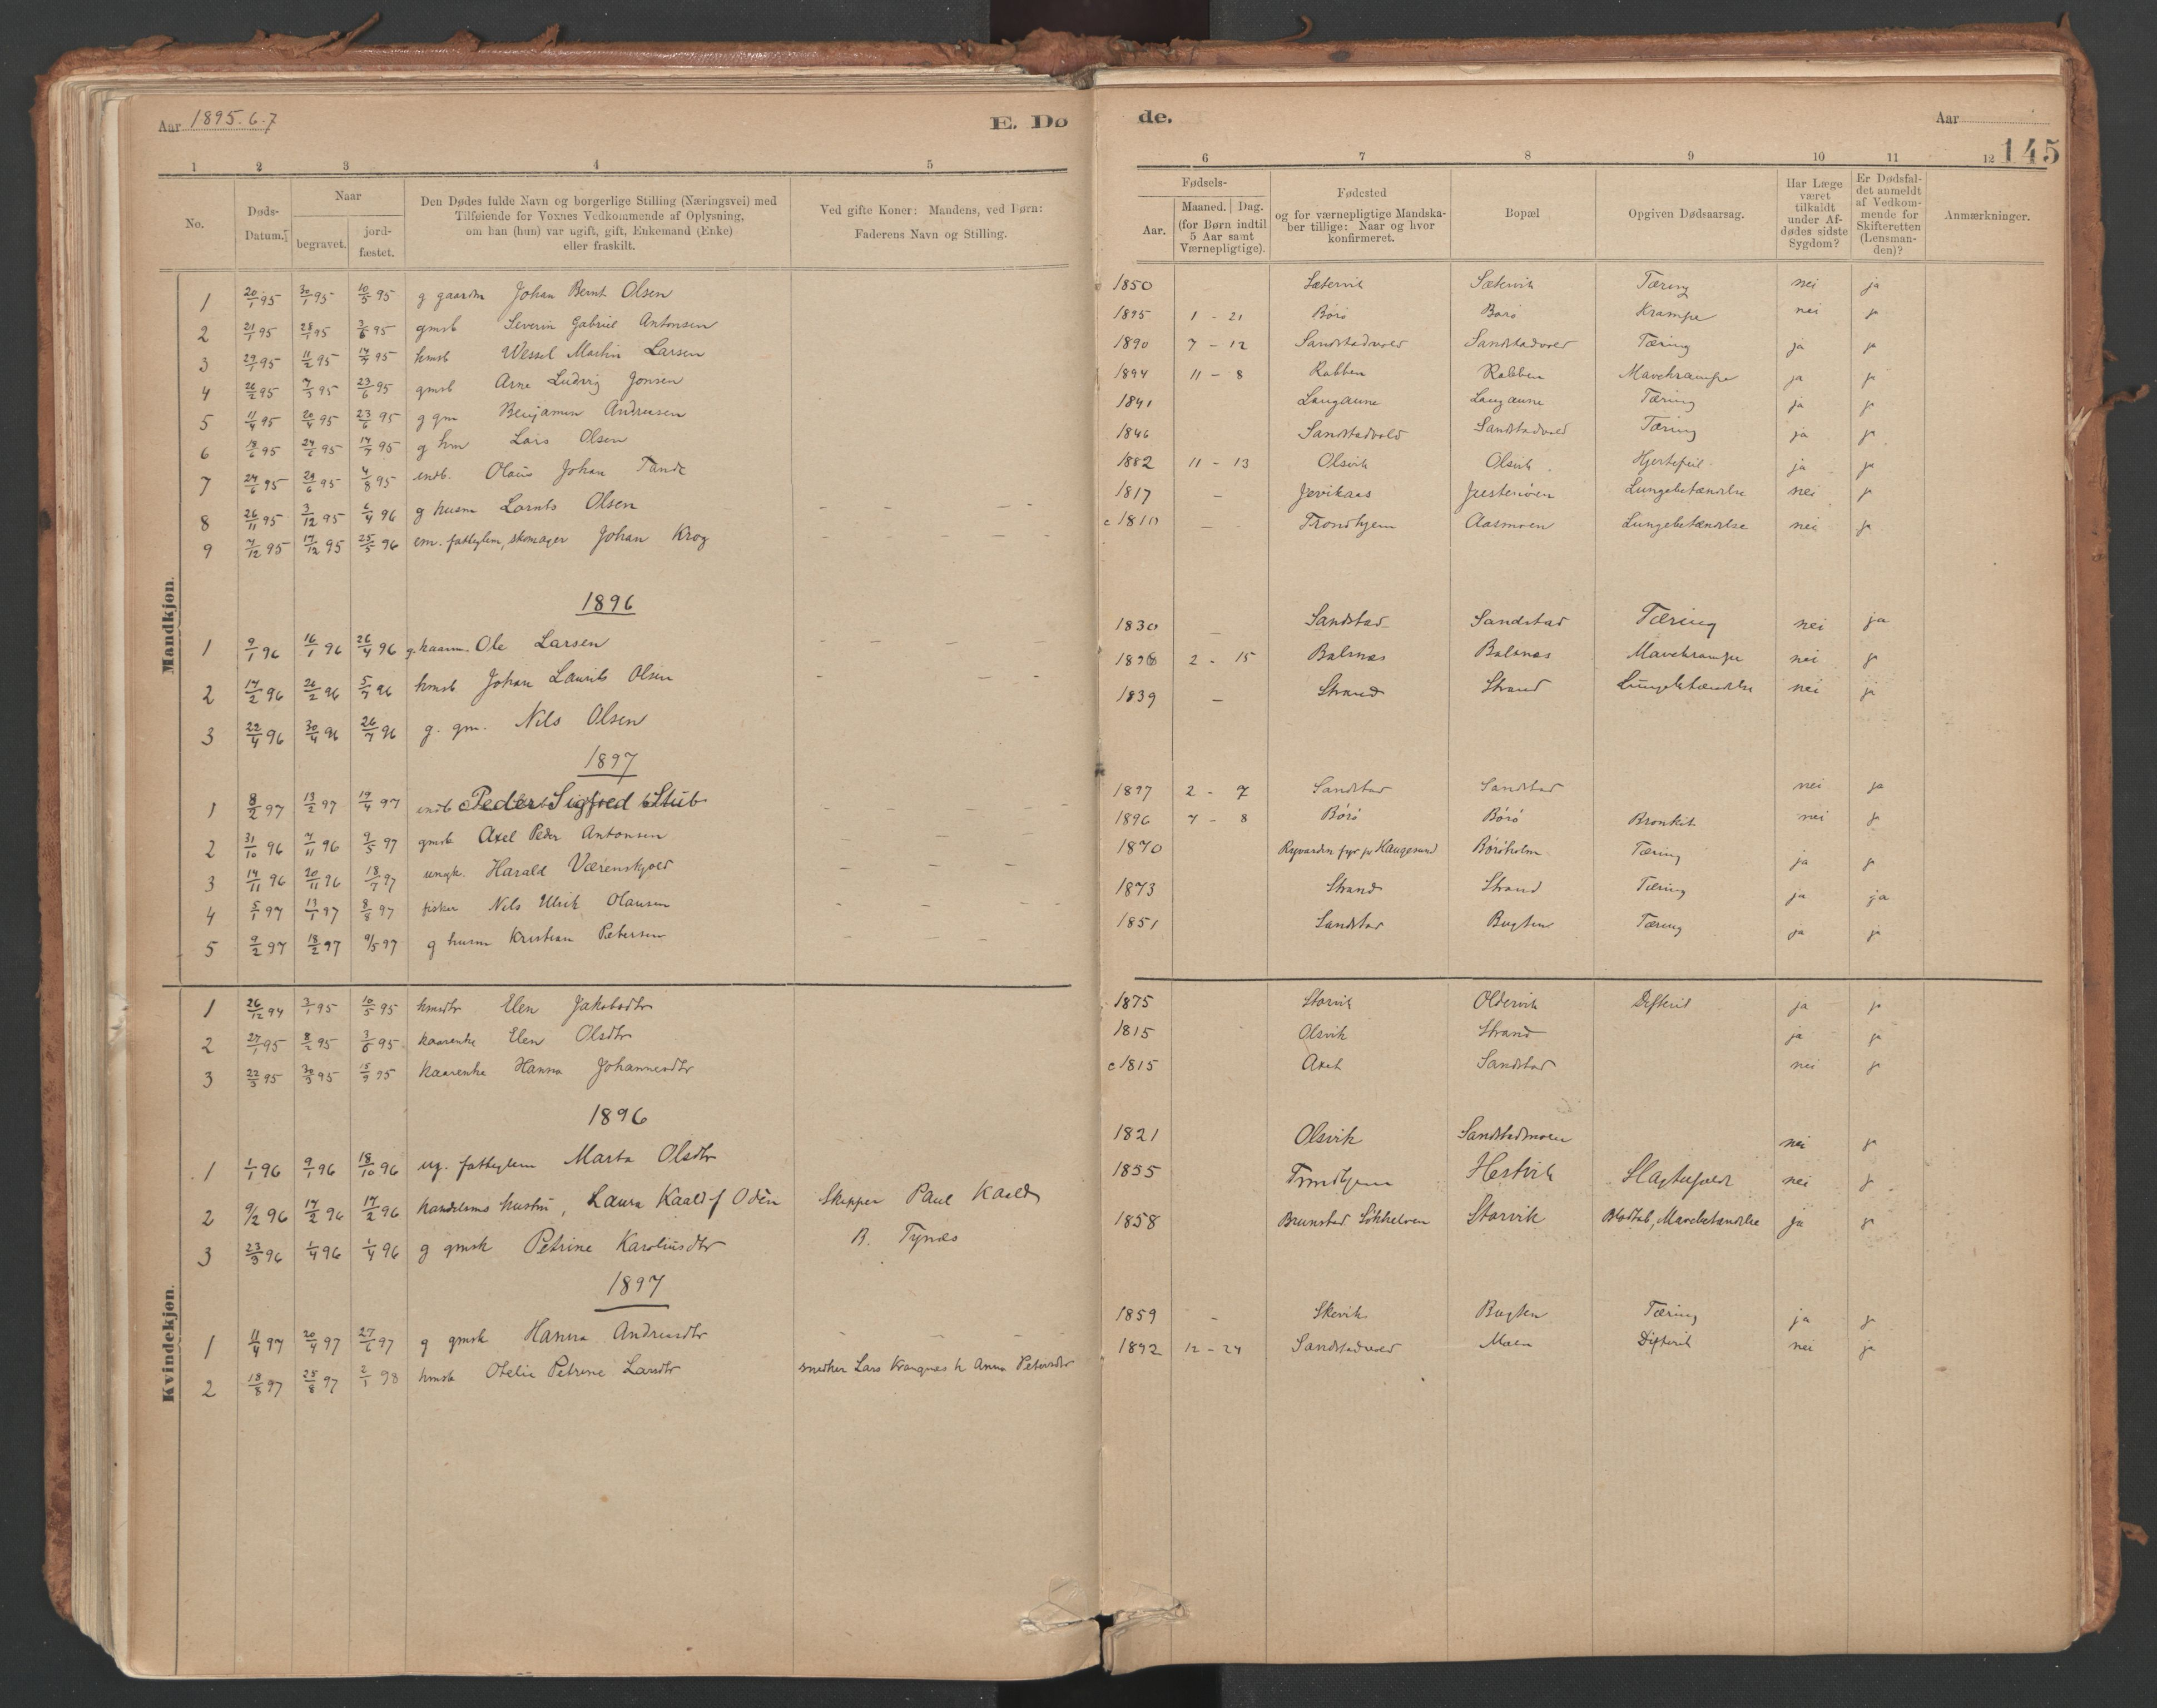 SAT, Ministerialprotokoller, klokkerbøker og fødselsregistre - Sør-Trøndelag, 639/L0572: Ministerialbok nr. 639A01, 1890-1920, s. 145